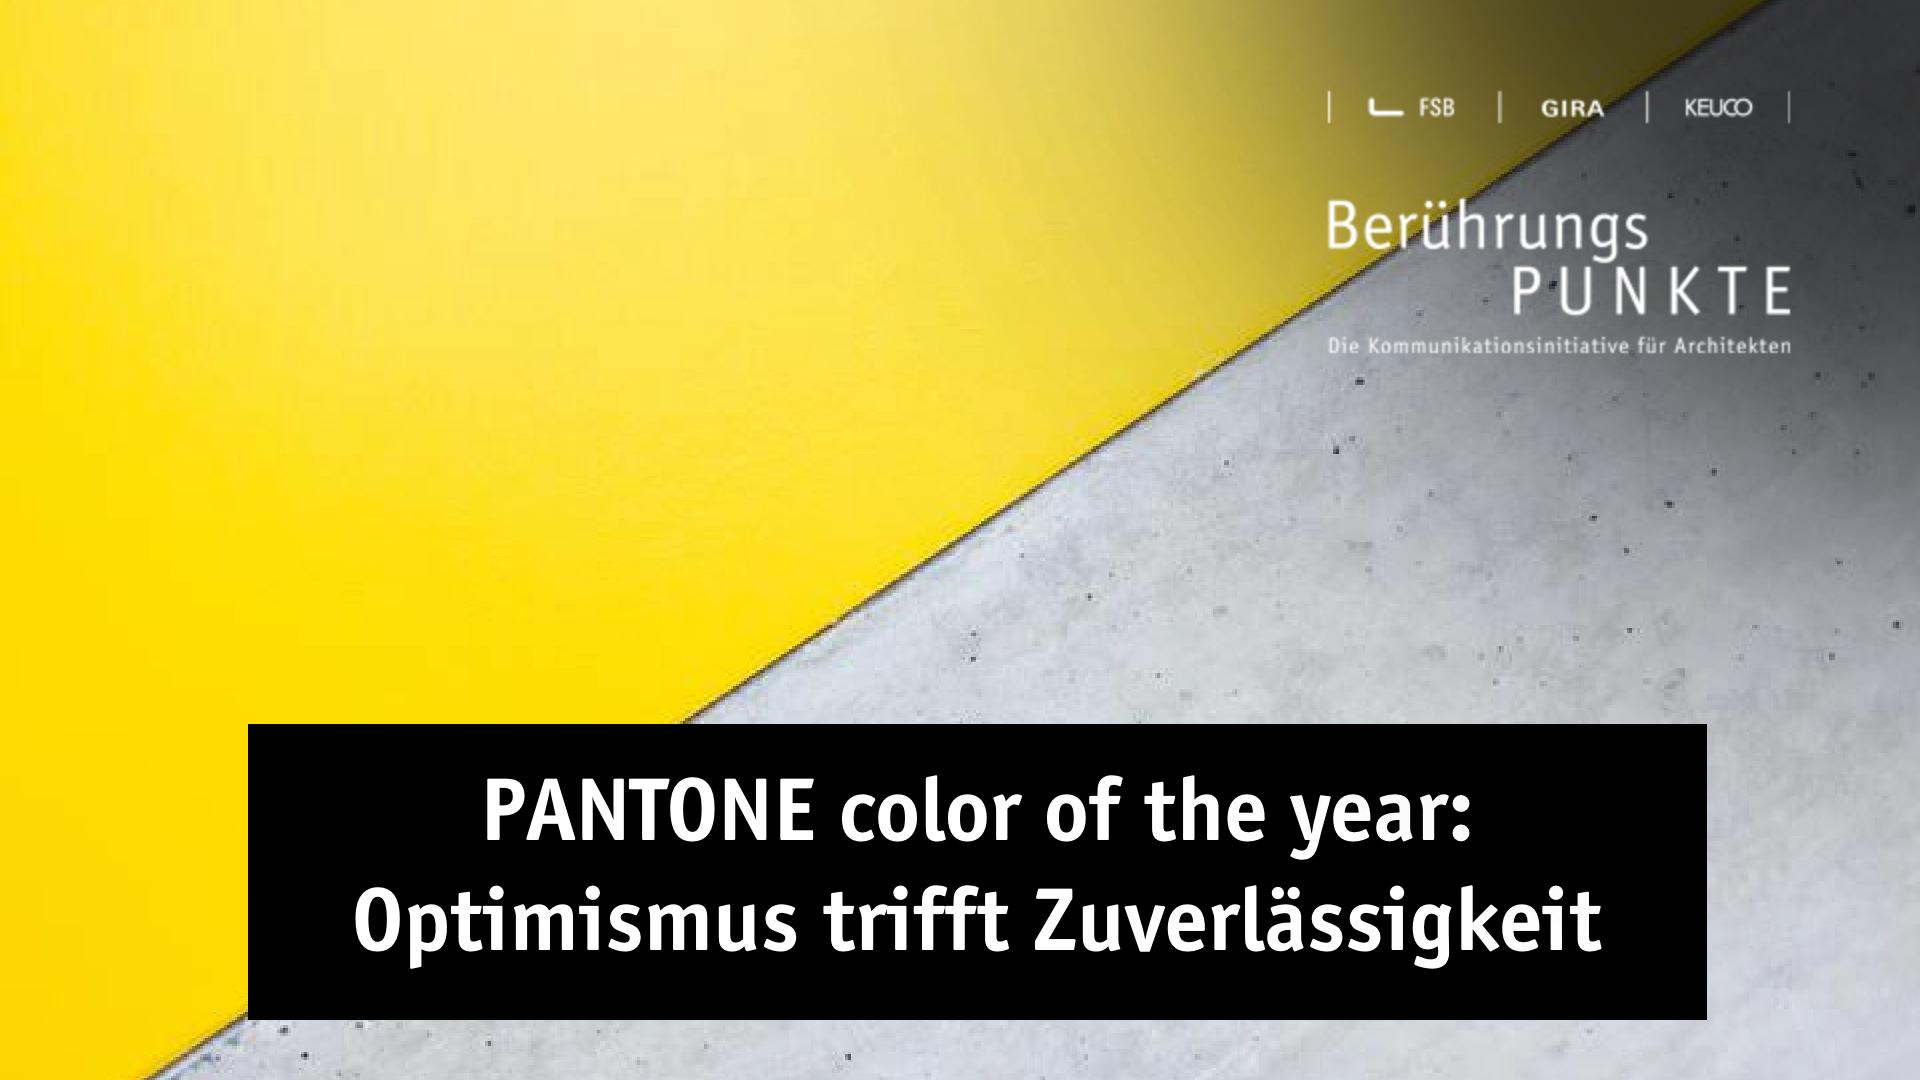 Pantone Farbe des Jahres Berührungspunkte